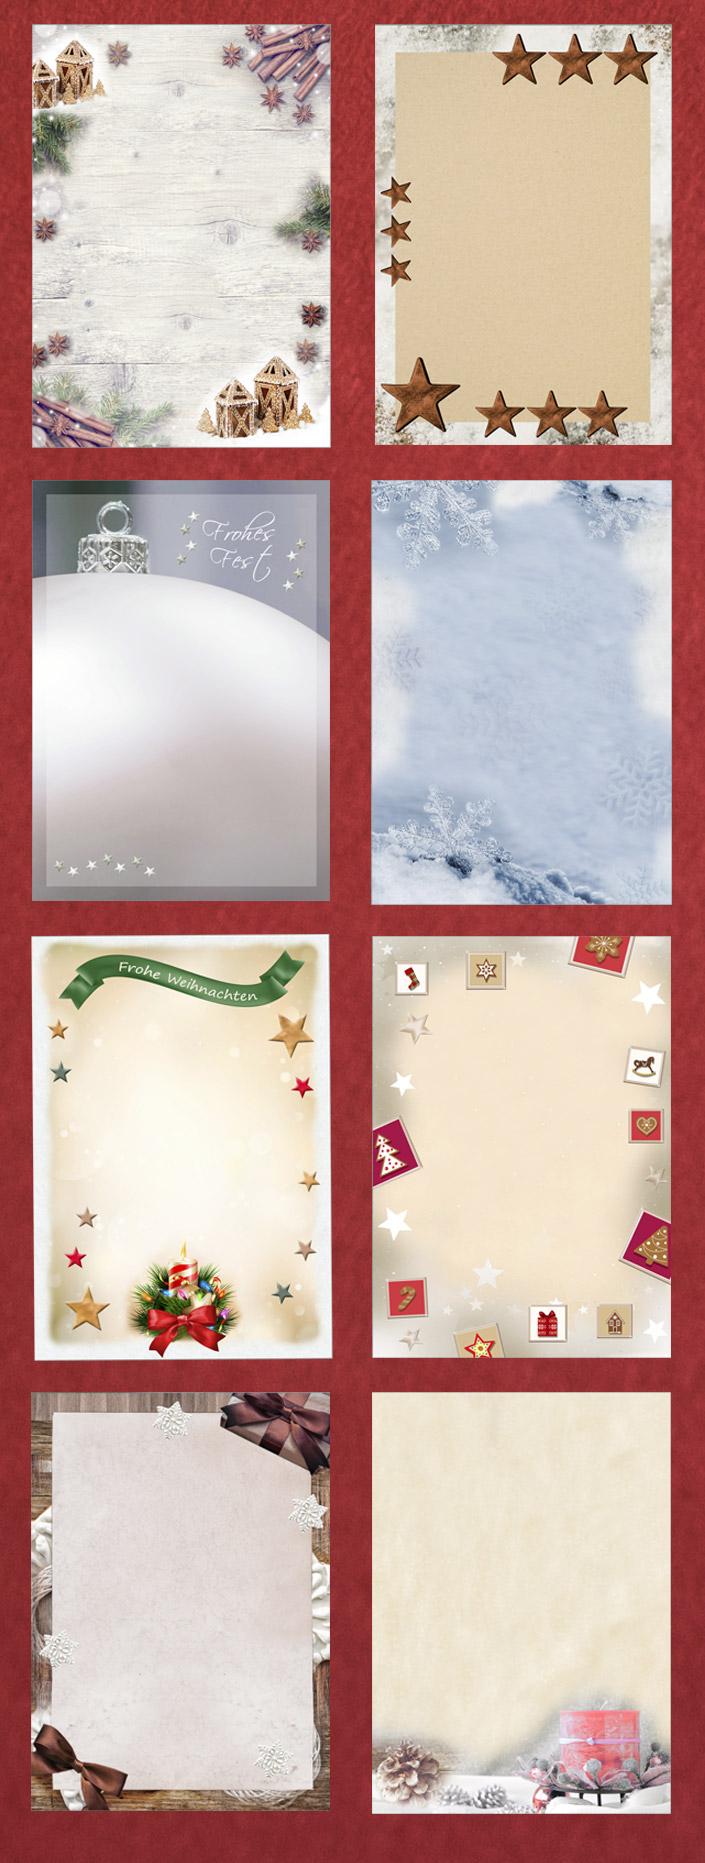 Nutzen Sie weihnachtlliche Motivpapiere, Weihnachtskarten 2017 und Colorplan Hüllen, um Ihre Ideen zur Weihnachtszeit optimal zu transportieren.